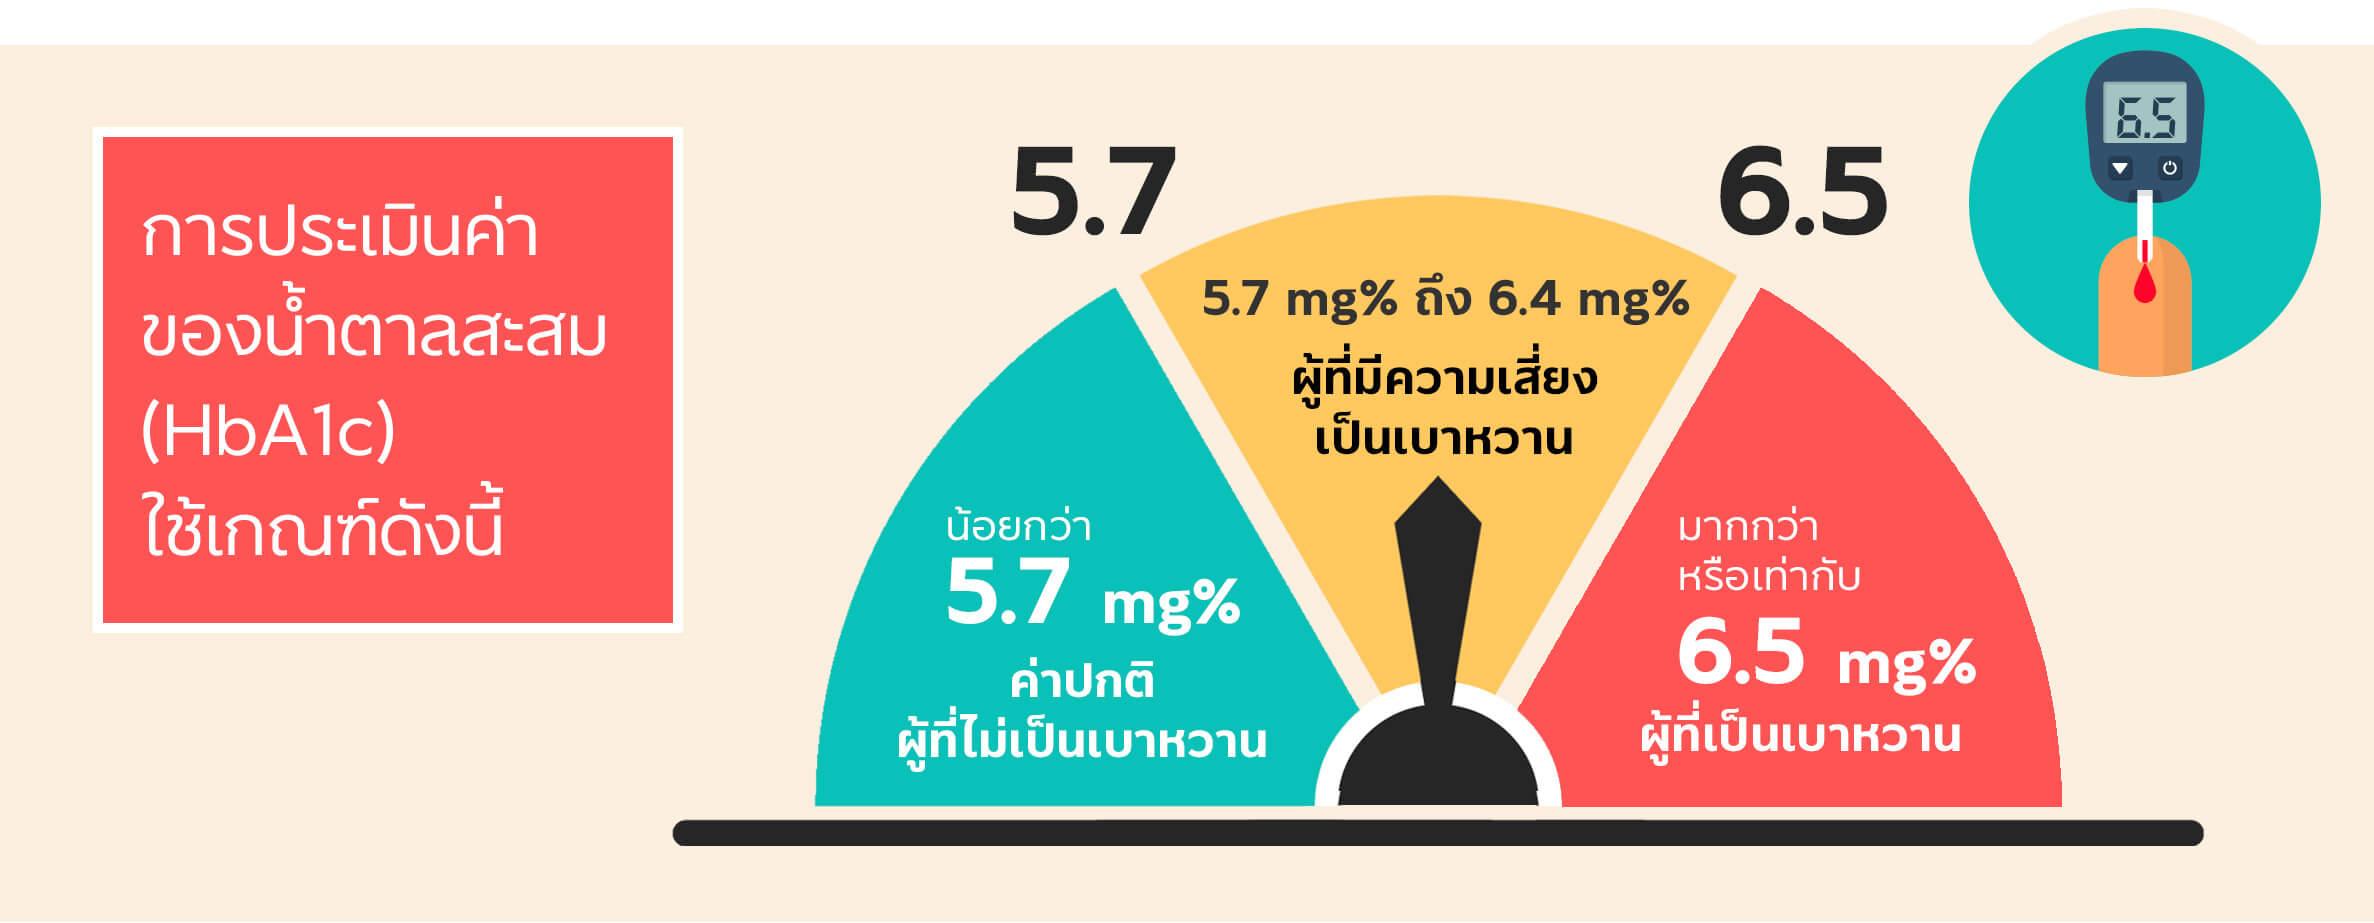 การประเมินค่าของน้ำตาลสะสม (HbA1c)